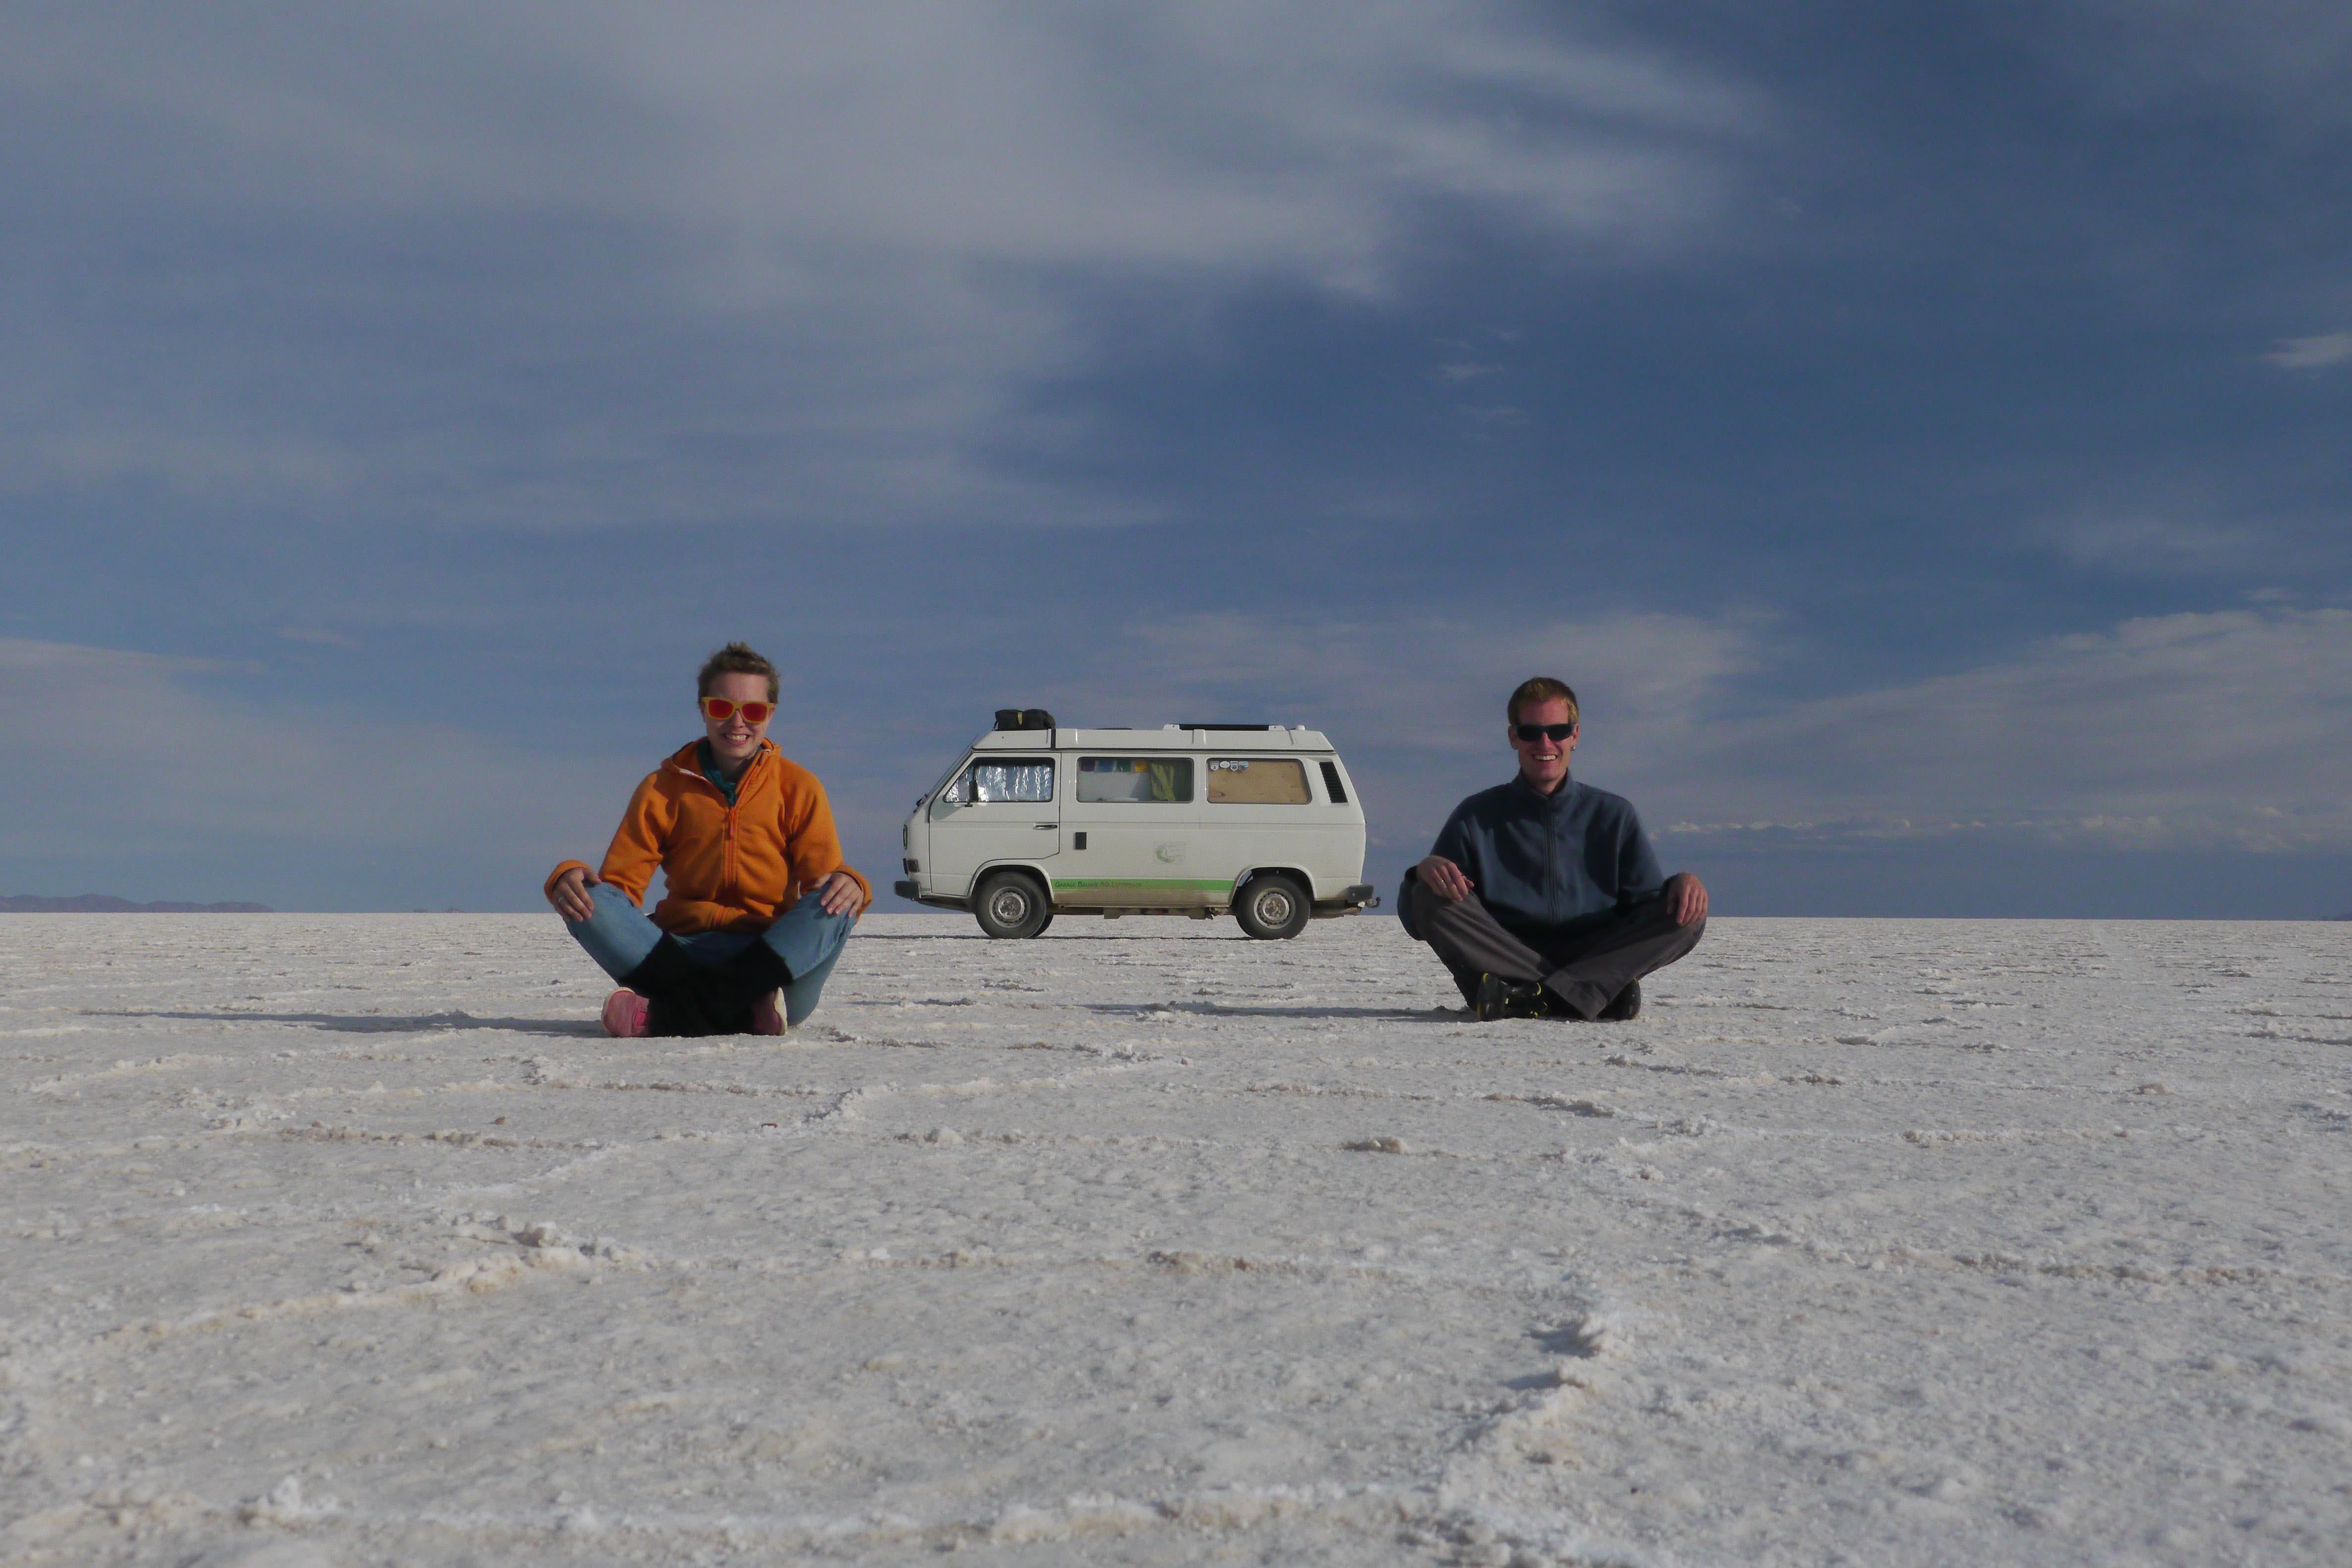 051 1610 Salar de Uyuni Tag 3 4jpeg